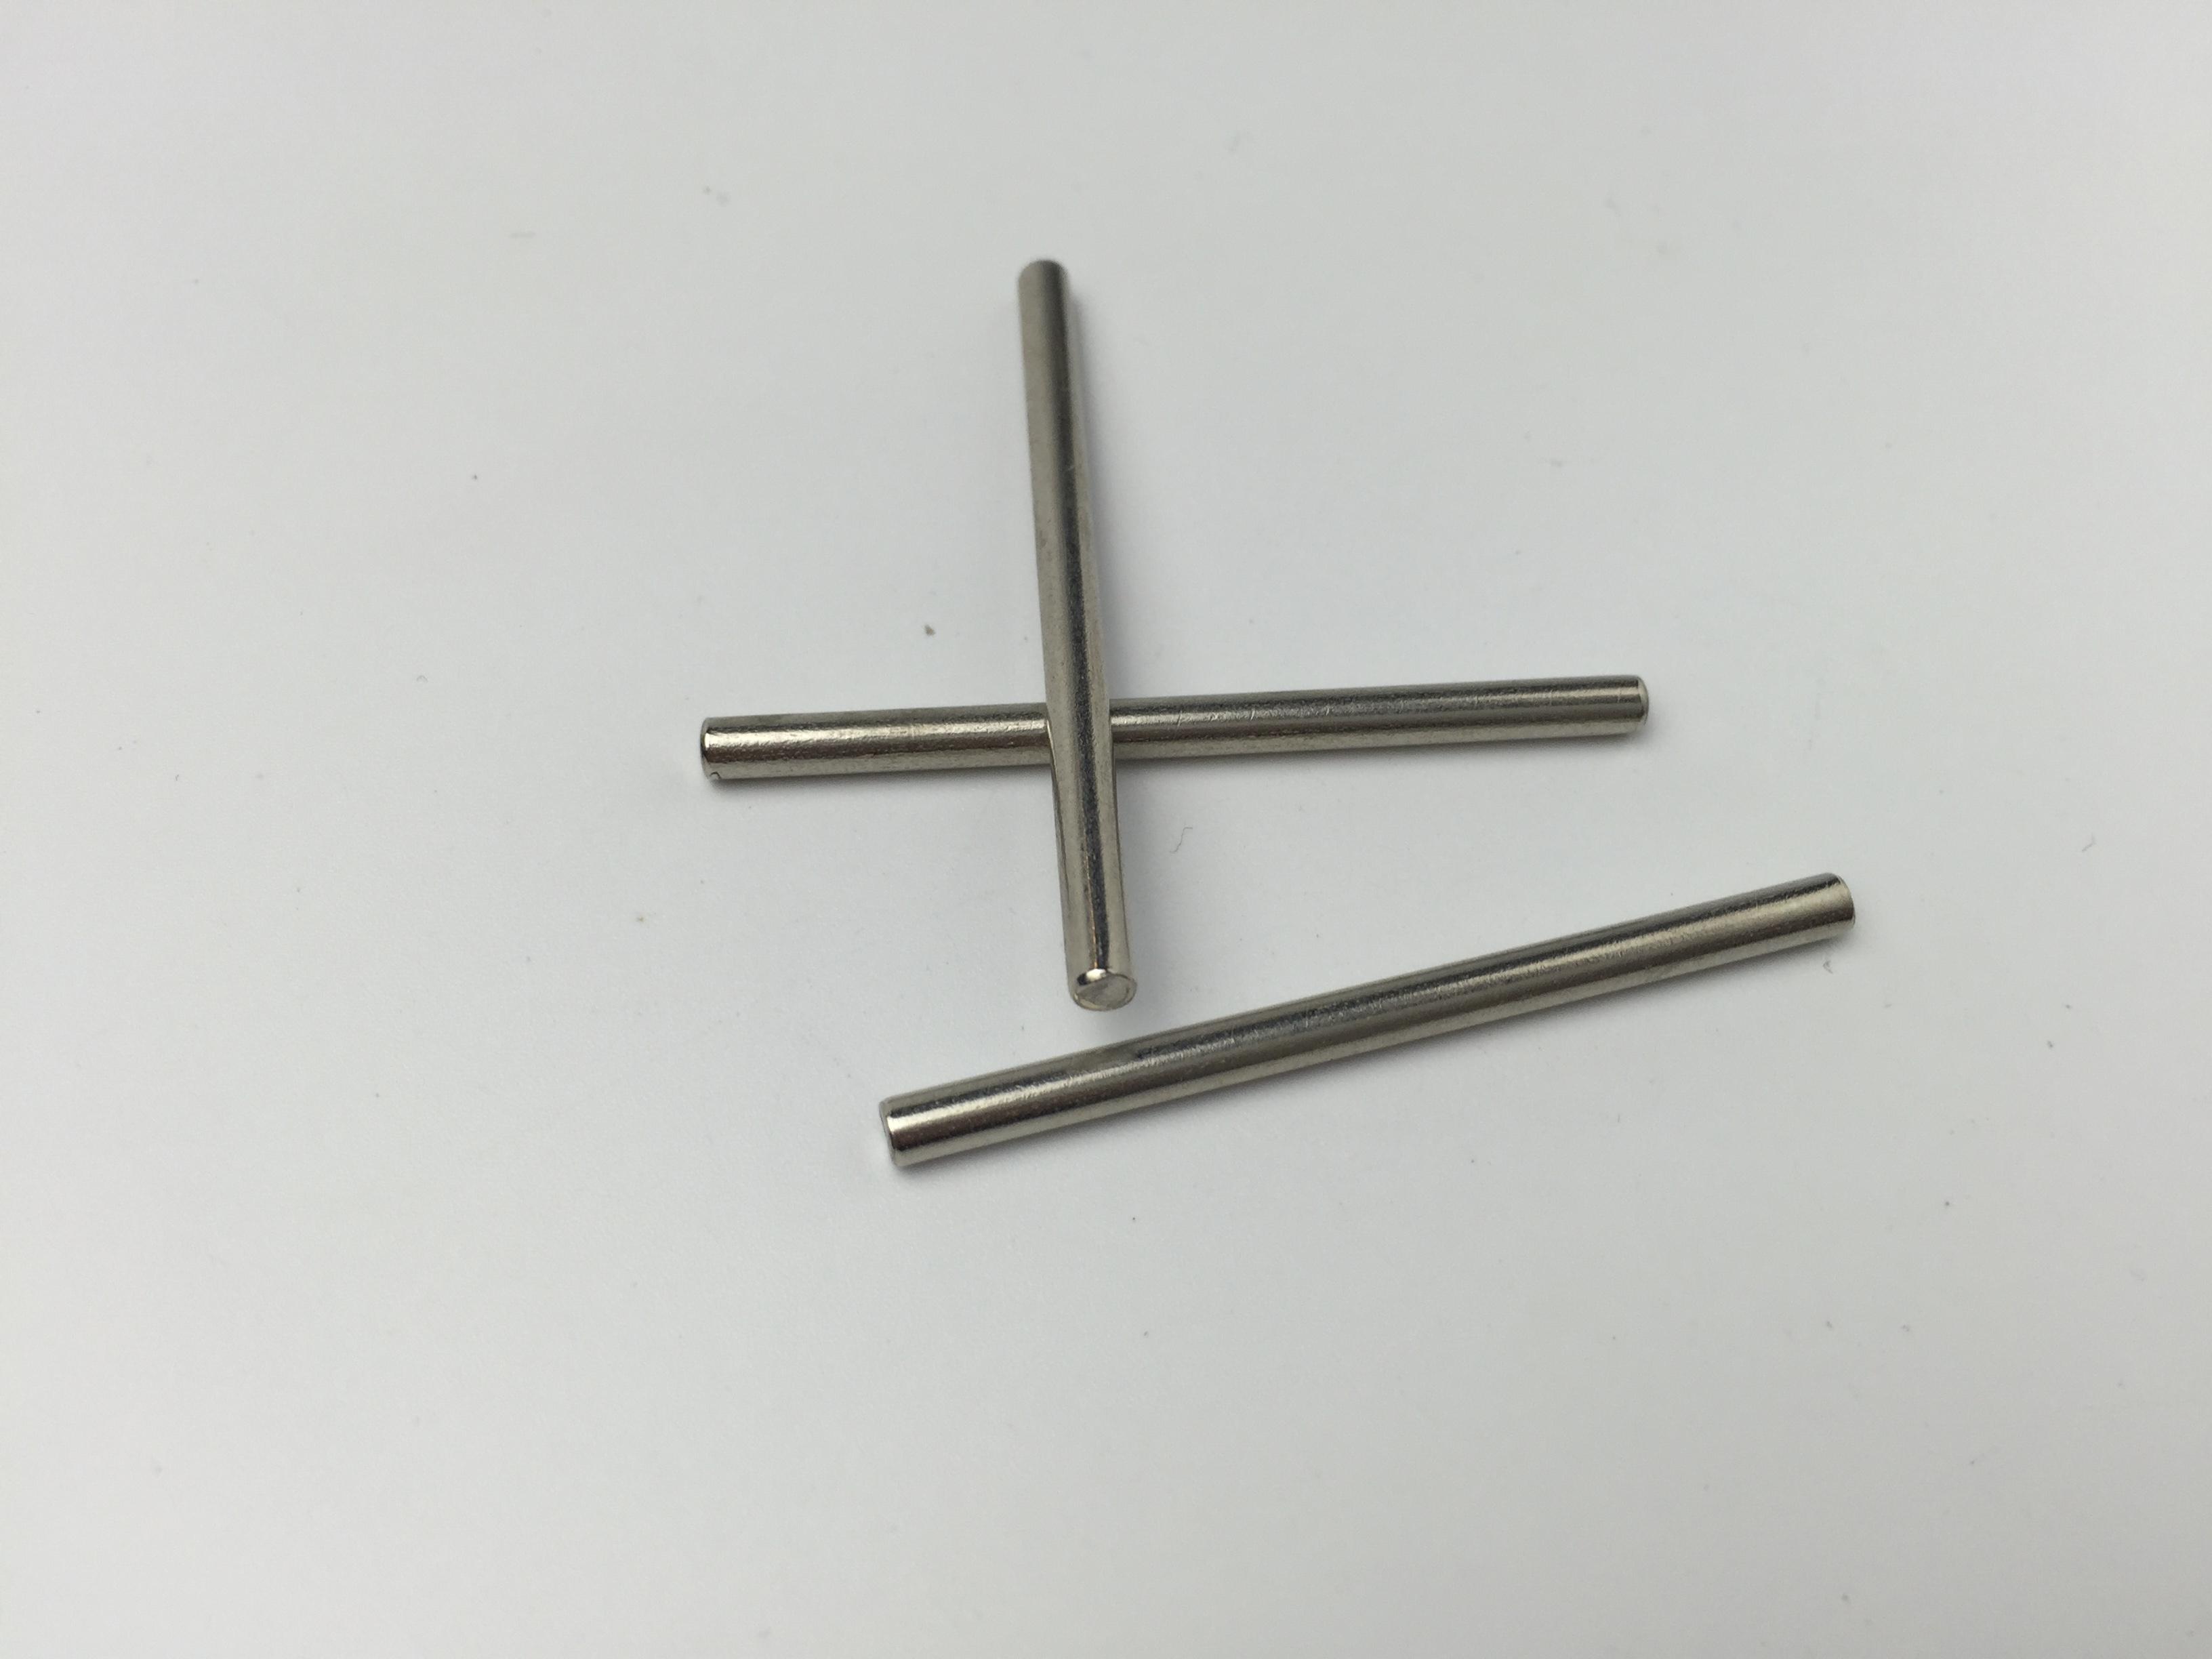 3X45光轴、铁镍单价0.08